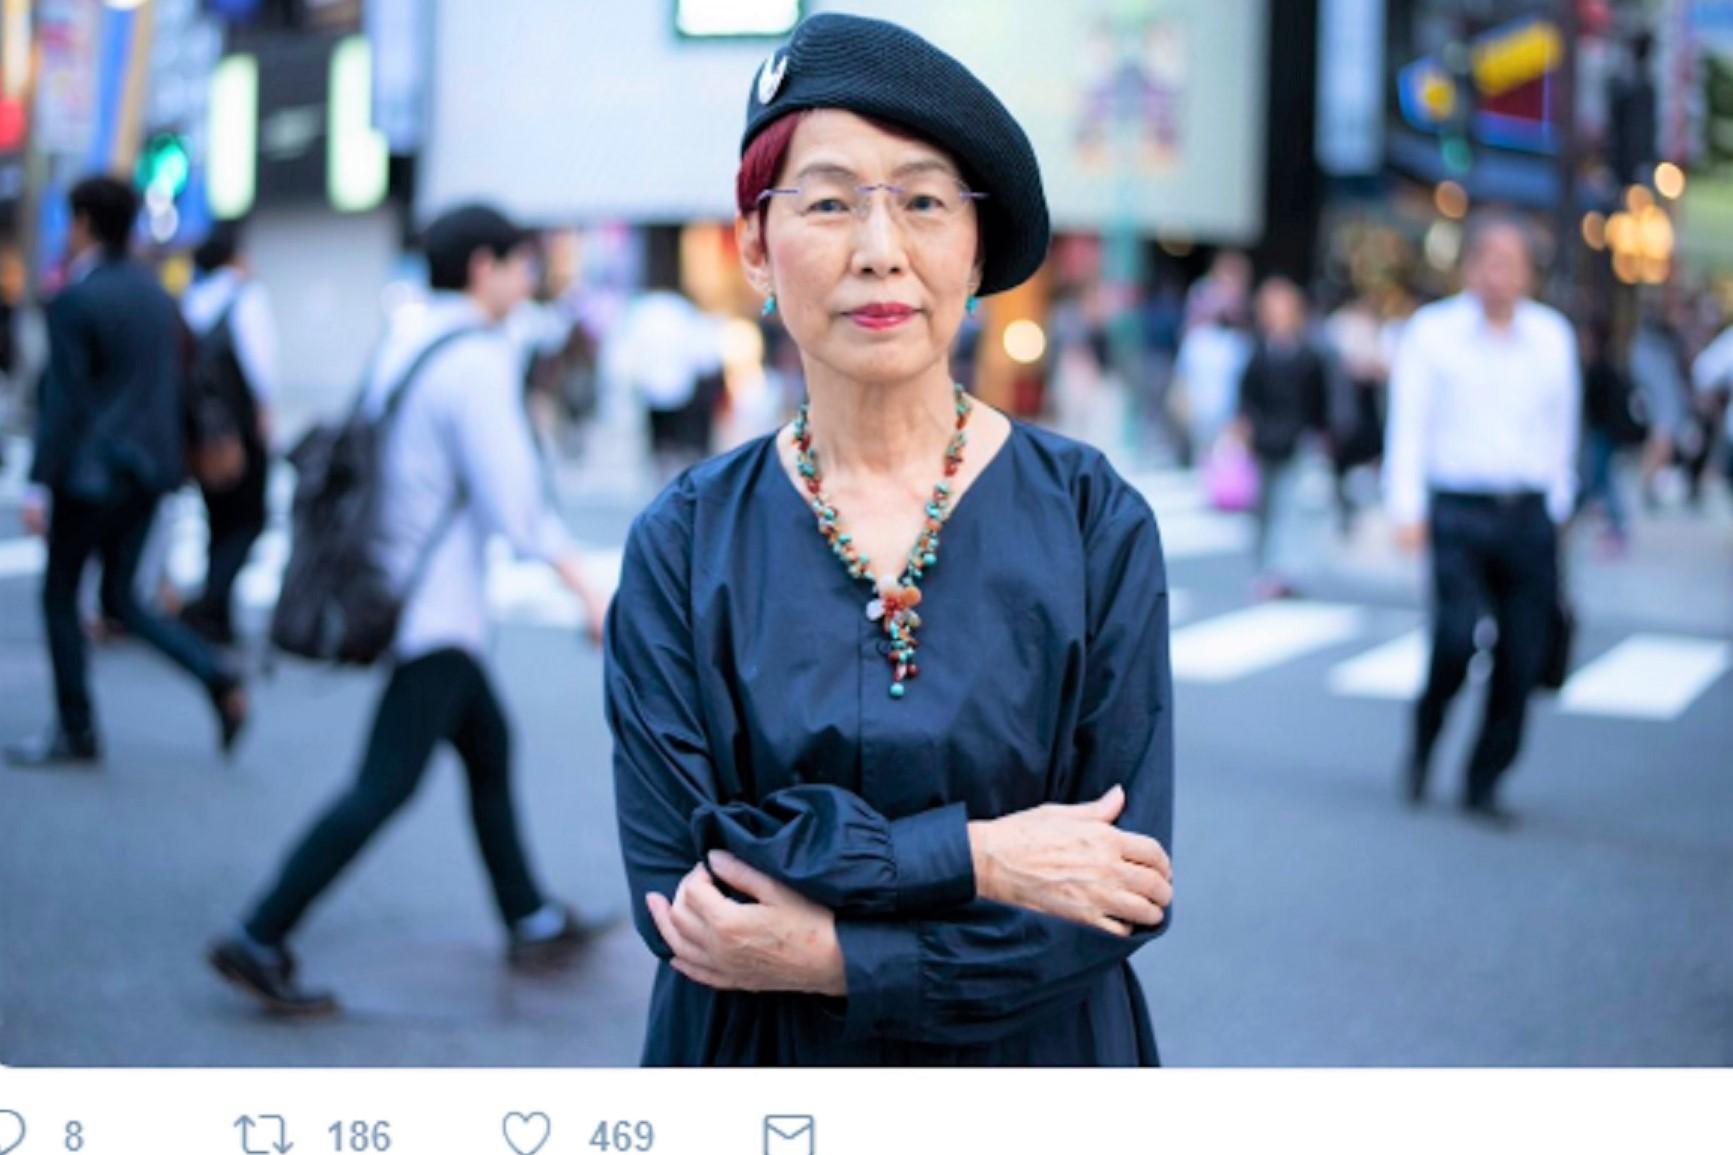 鈍感だっていうことが罪」 社会学者・上野千鶴子の言葉に反響集まる ...